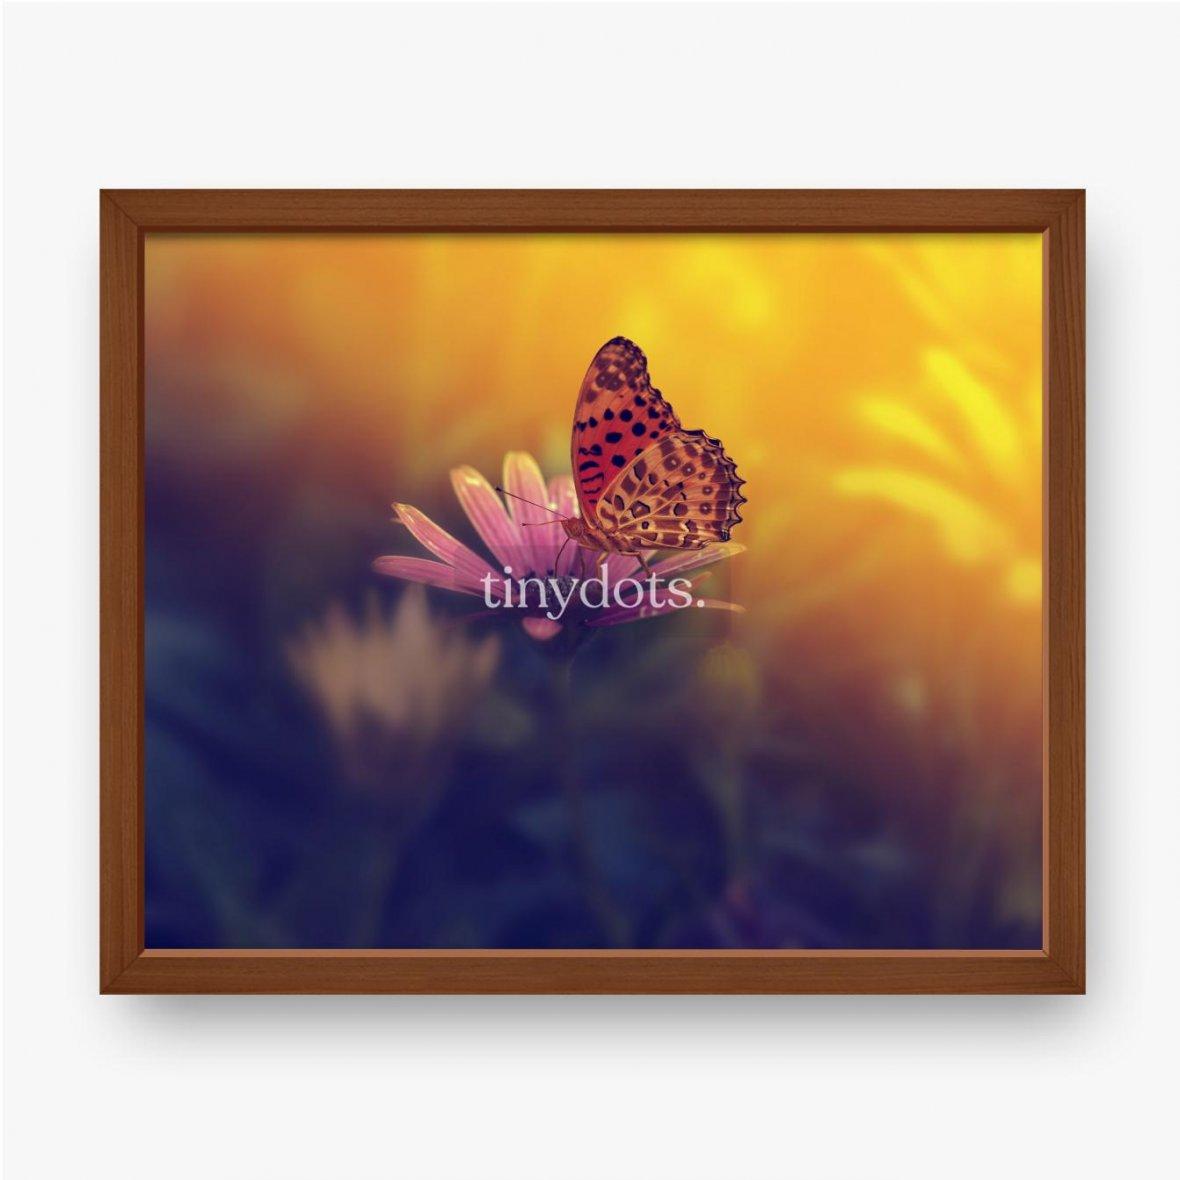 Gerahmtes Poster Schmetterling auf einer Blume bei Sonnenuntergang.